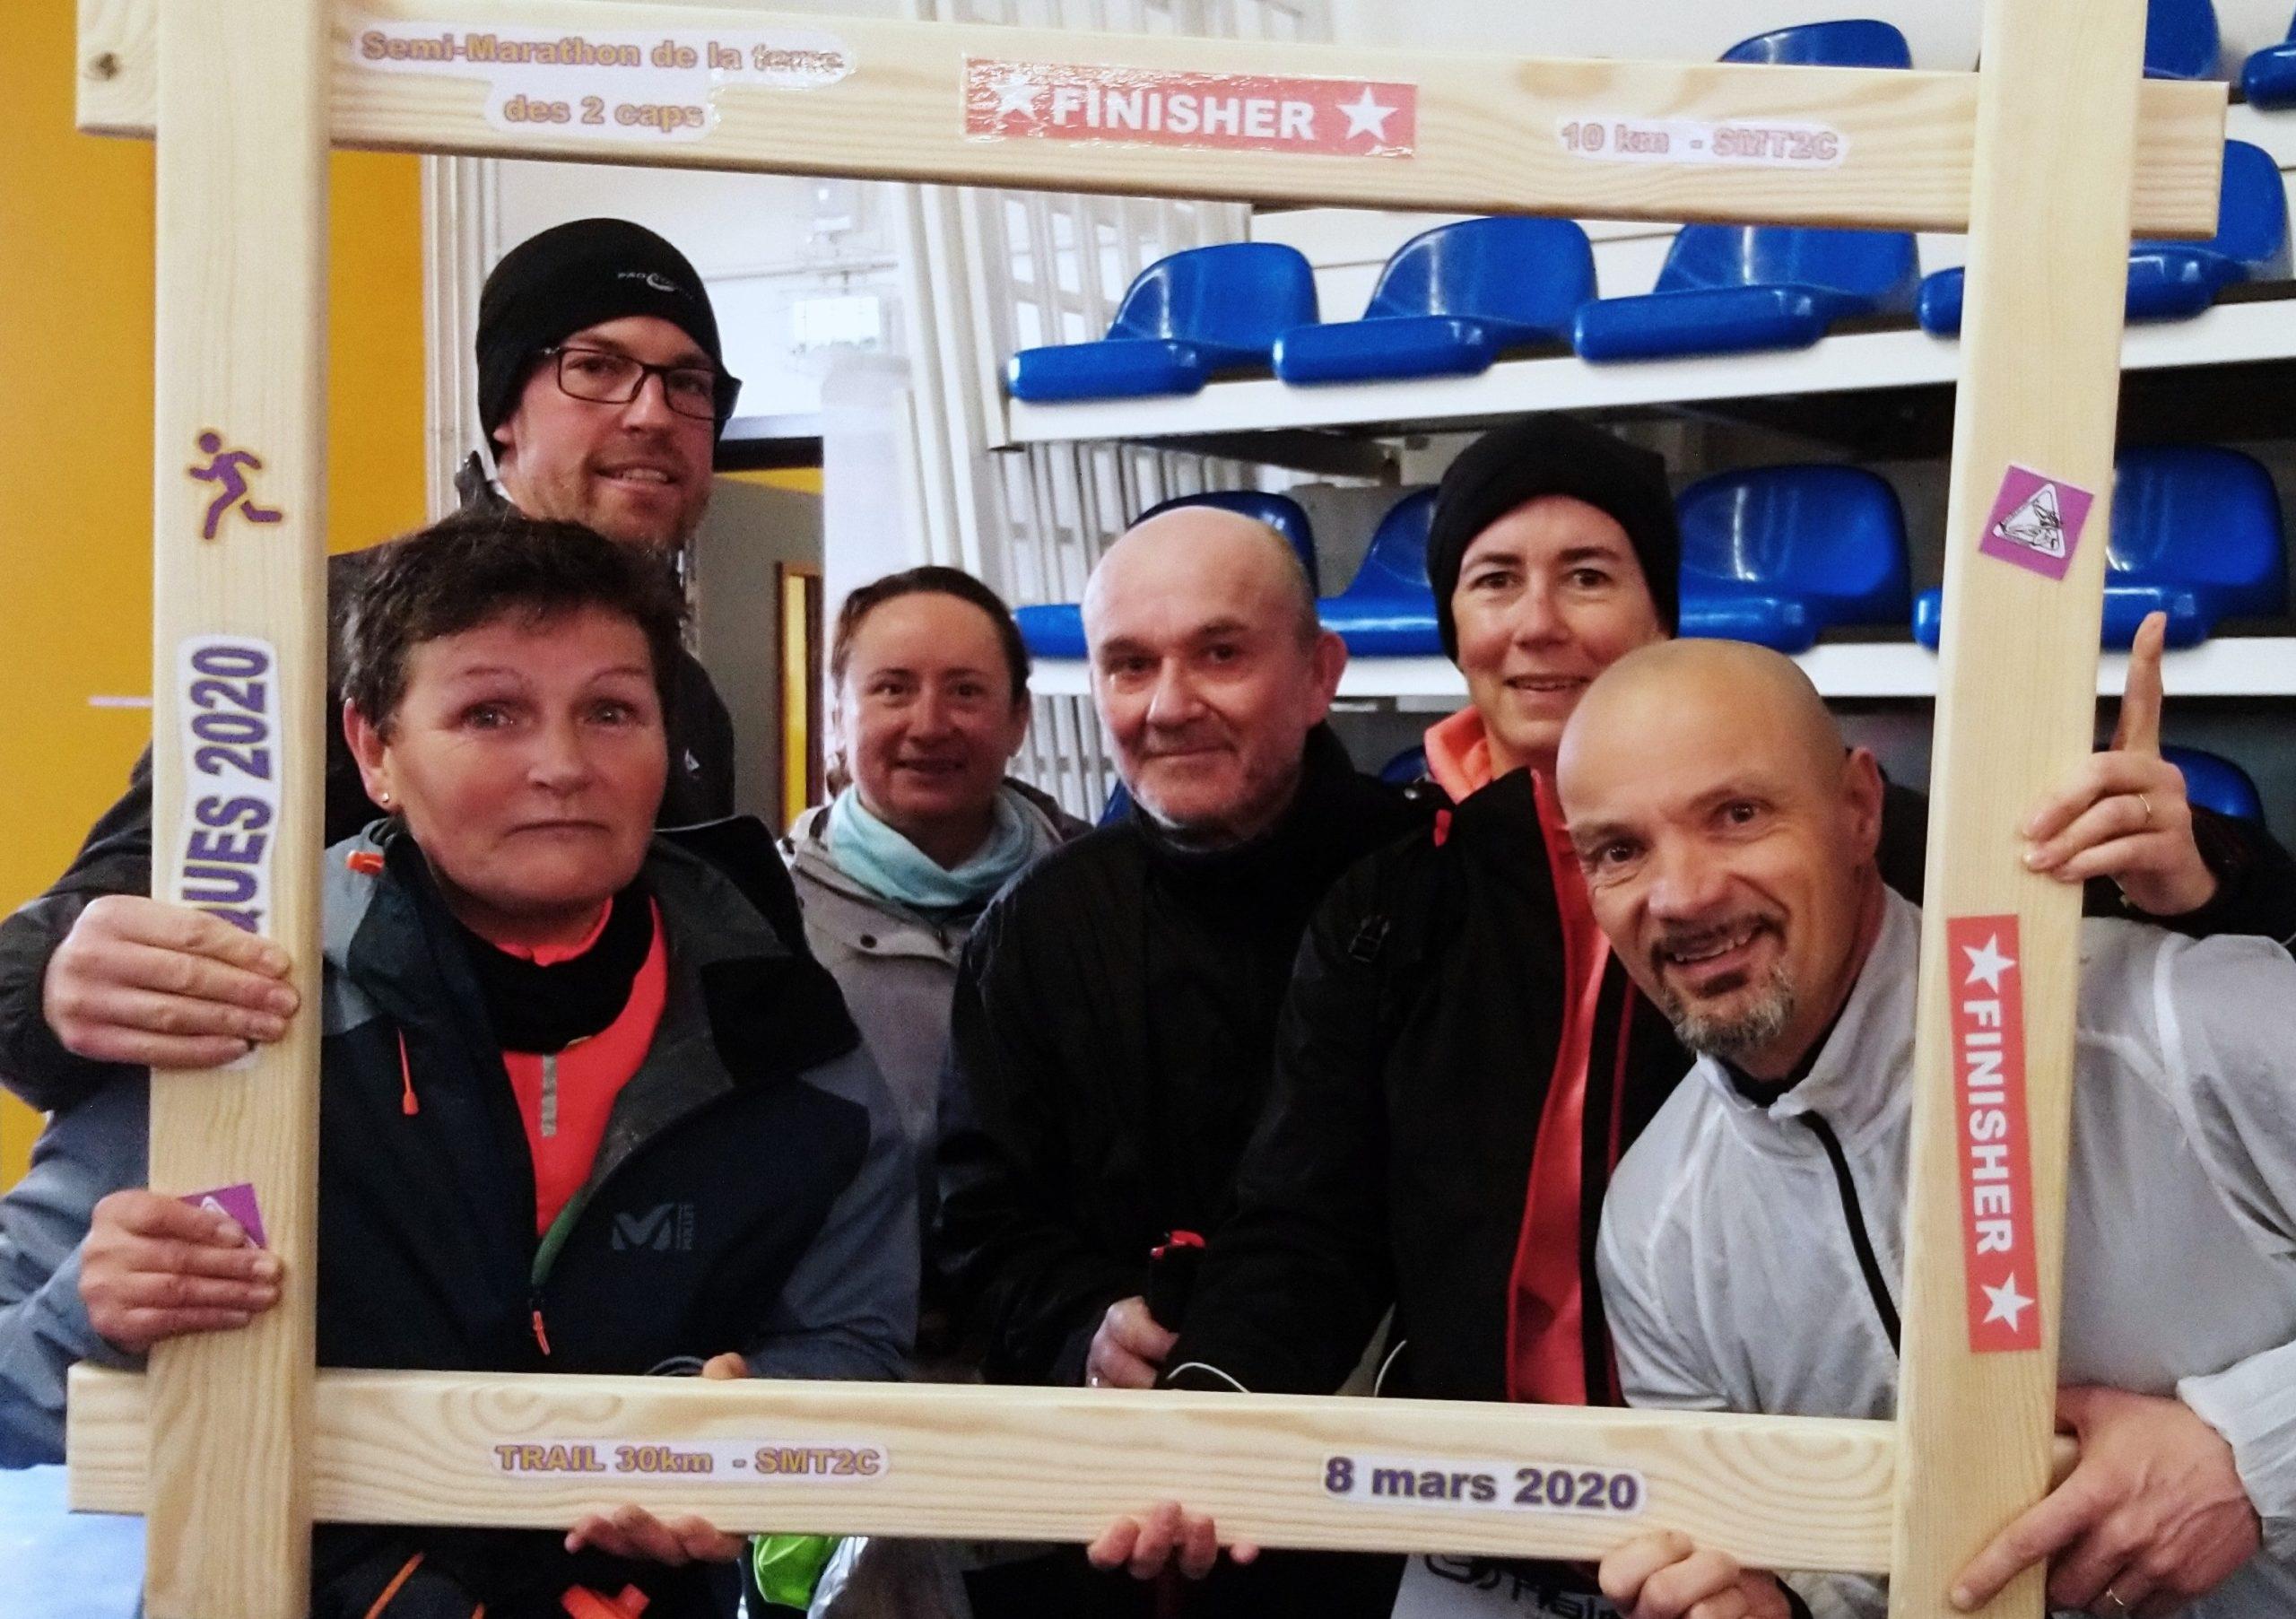 Des Calaisiens au semi-marathon de la Terre des 2 Caps